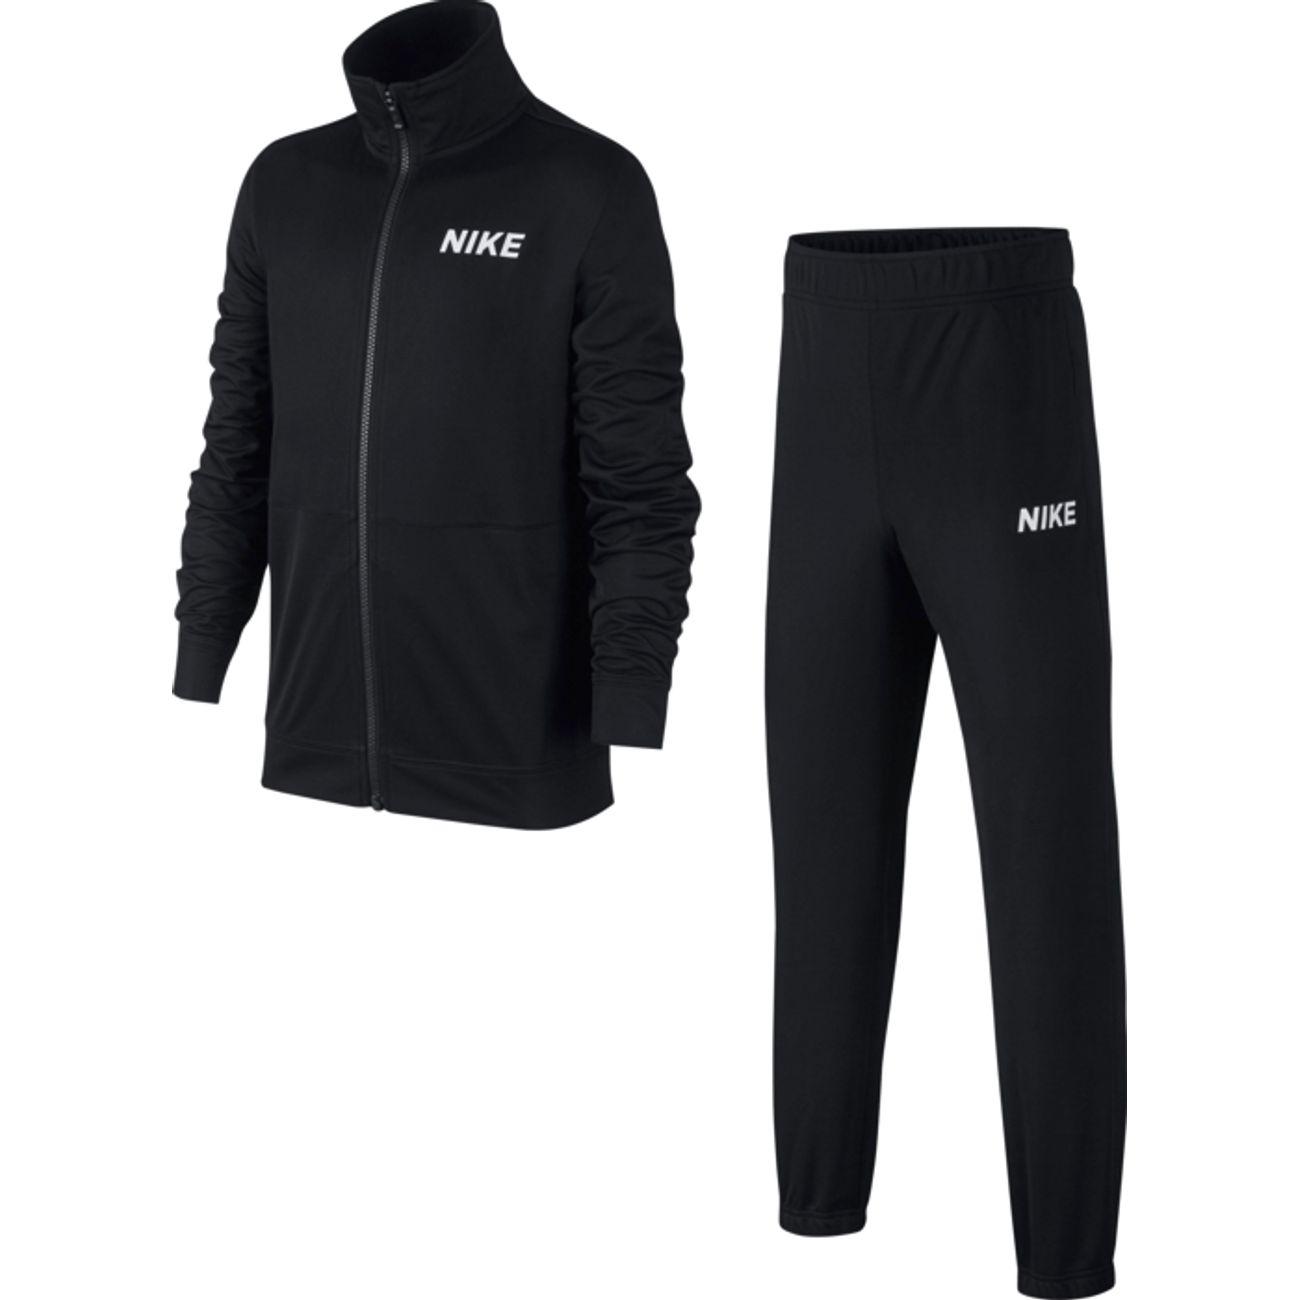 survêtement pour enfant Nike B NSW TRK Suit Poly - noir (plusieurs tailles)